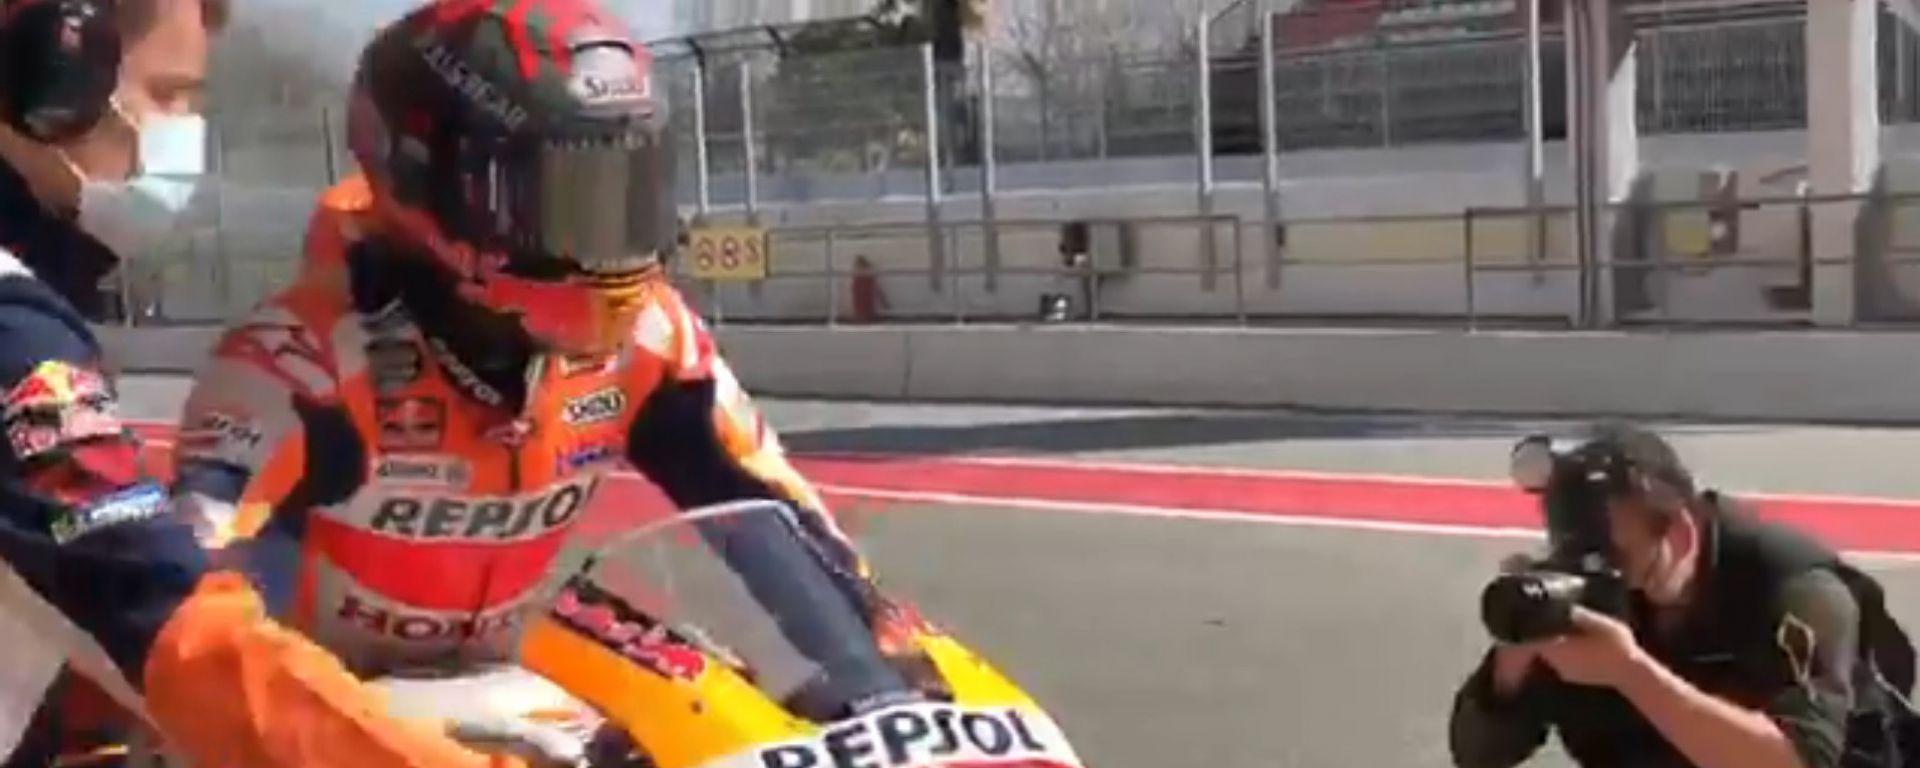 MotoGP 2021: Marc Marquez nel test privato organizzato a Barcellona